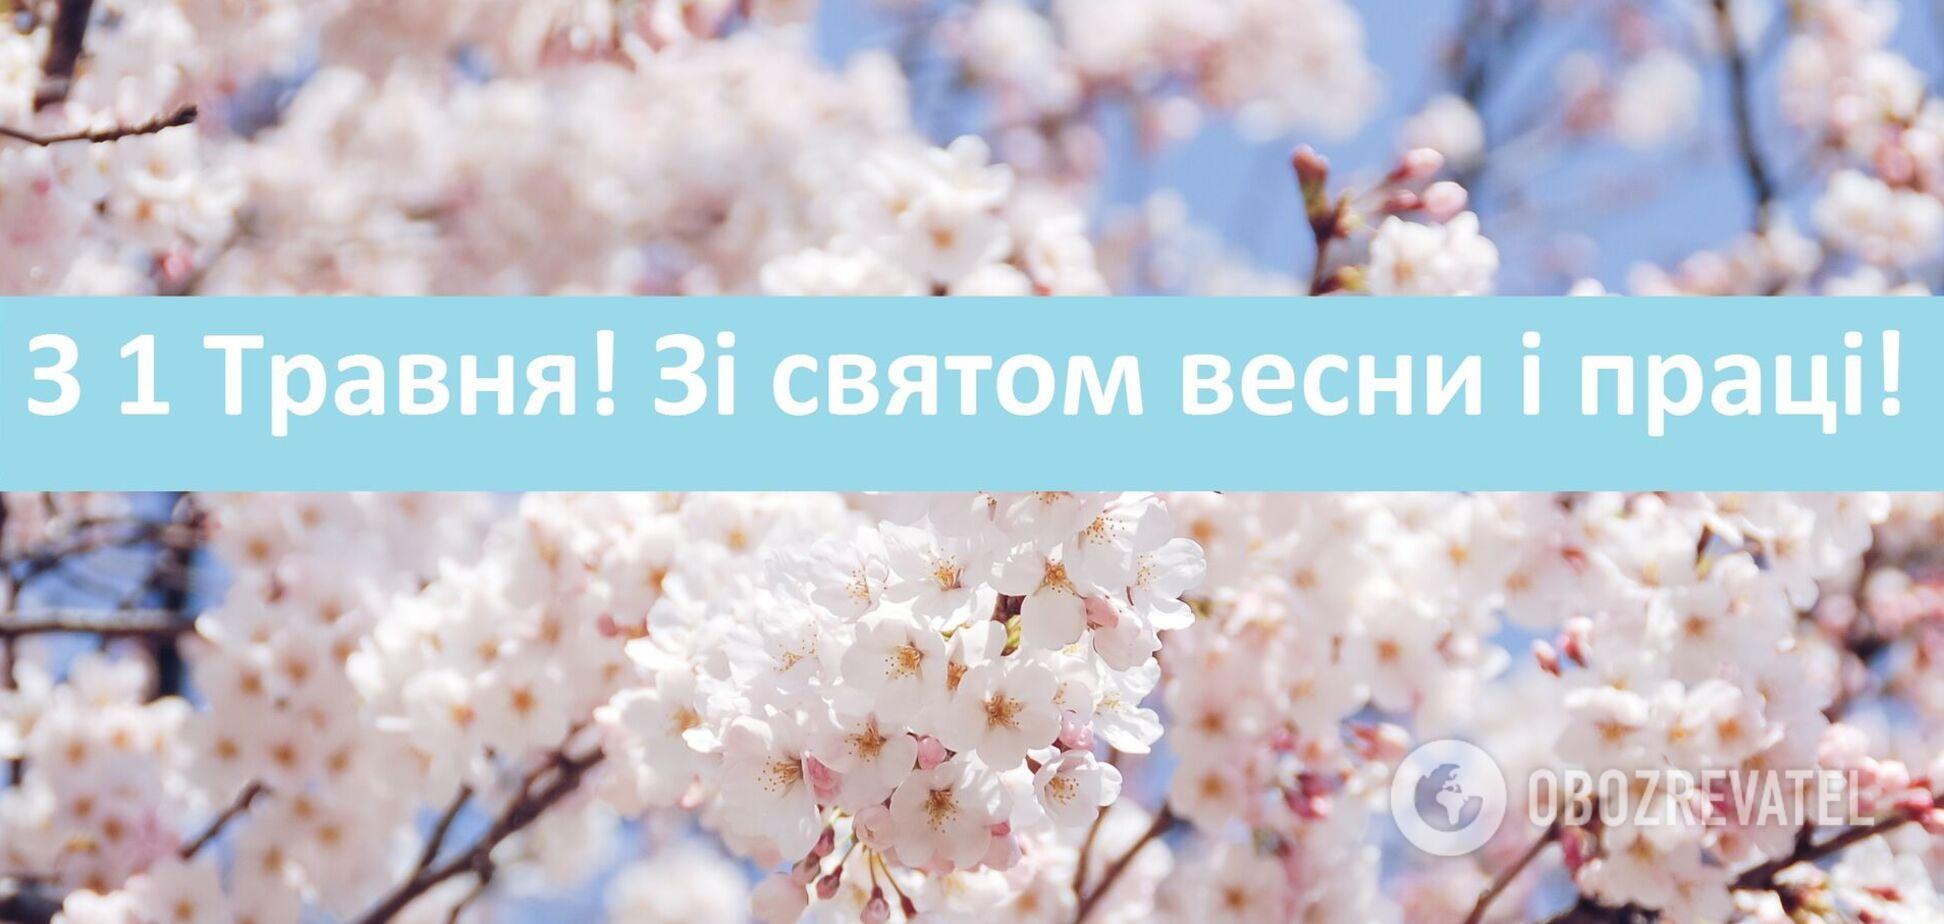 1 травня Україна відзначає День праці